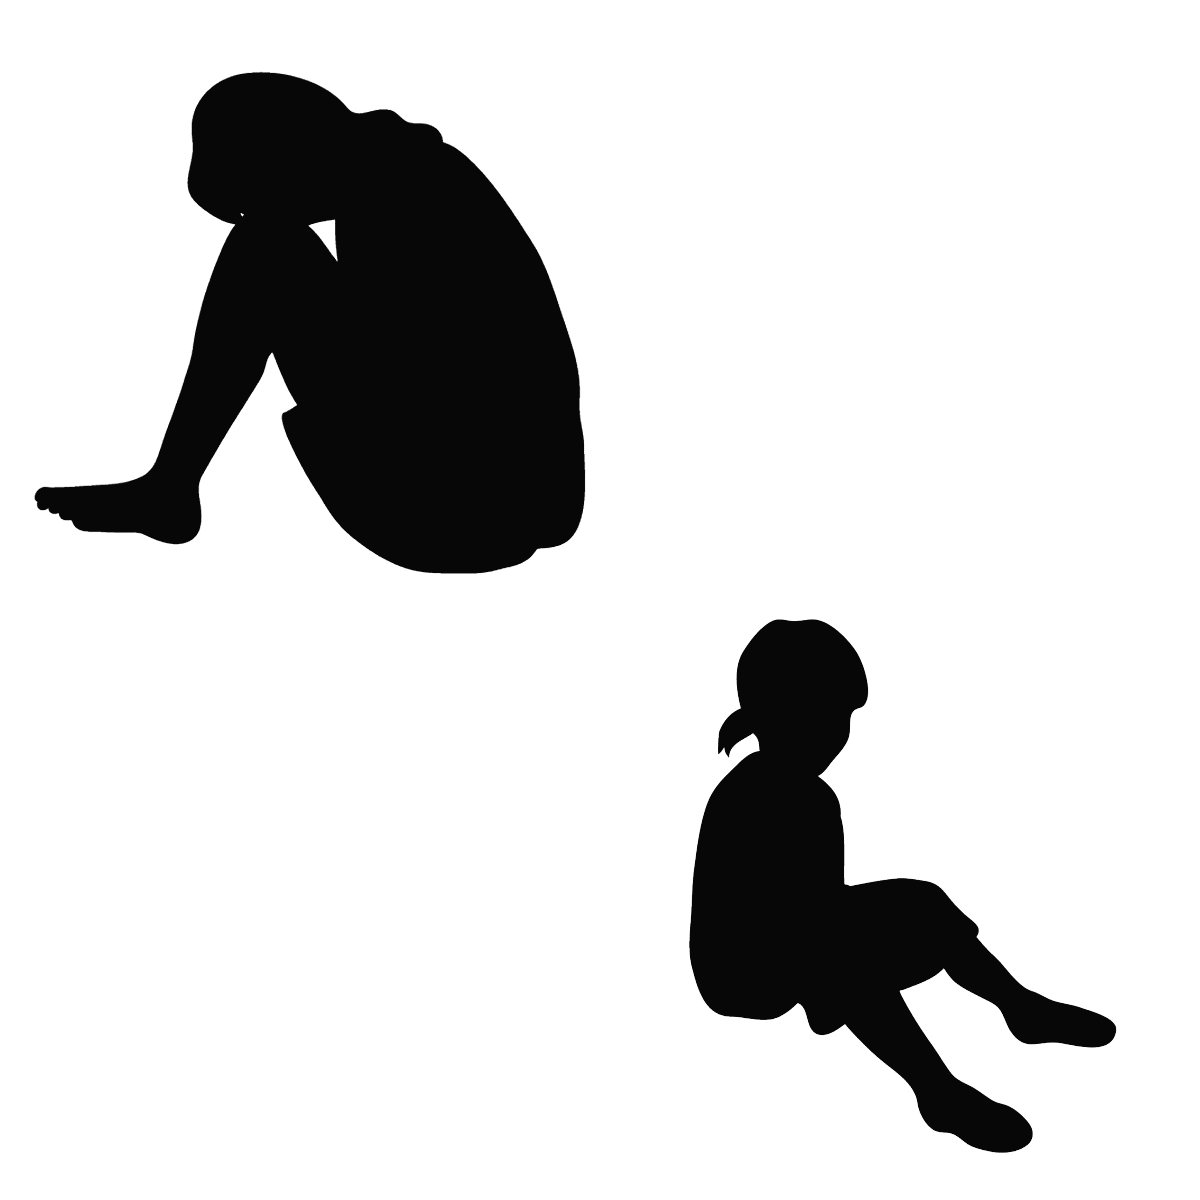 恵理菜と薫ふたつの名前を持つ子供のイメージ